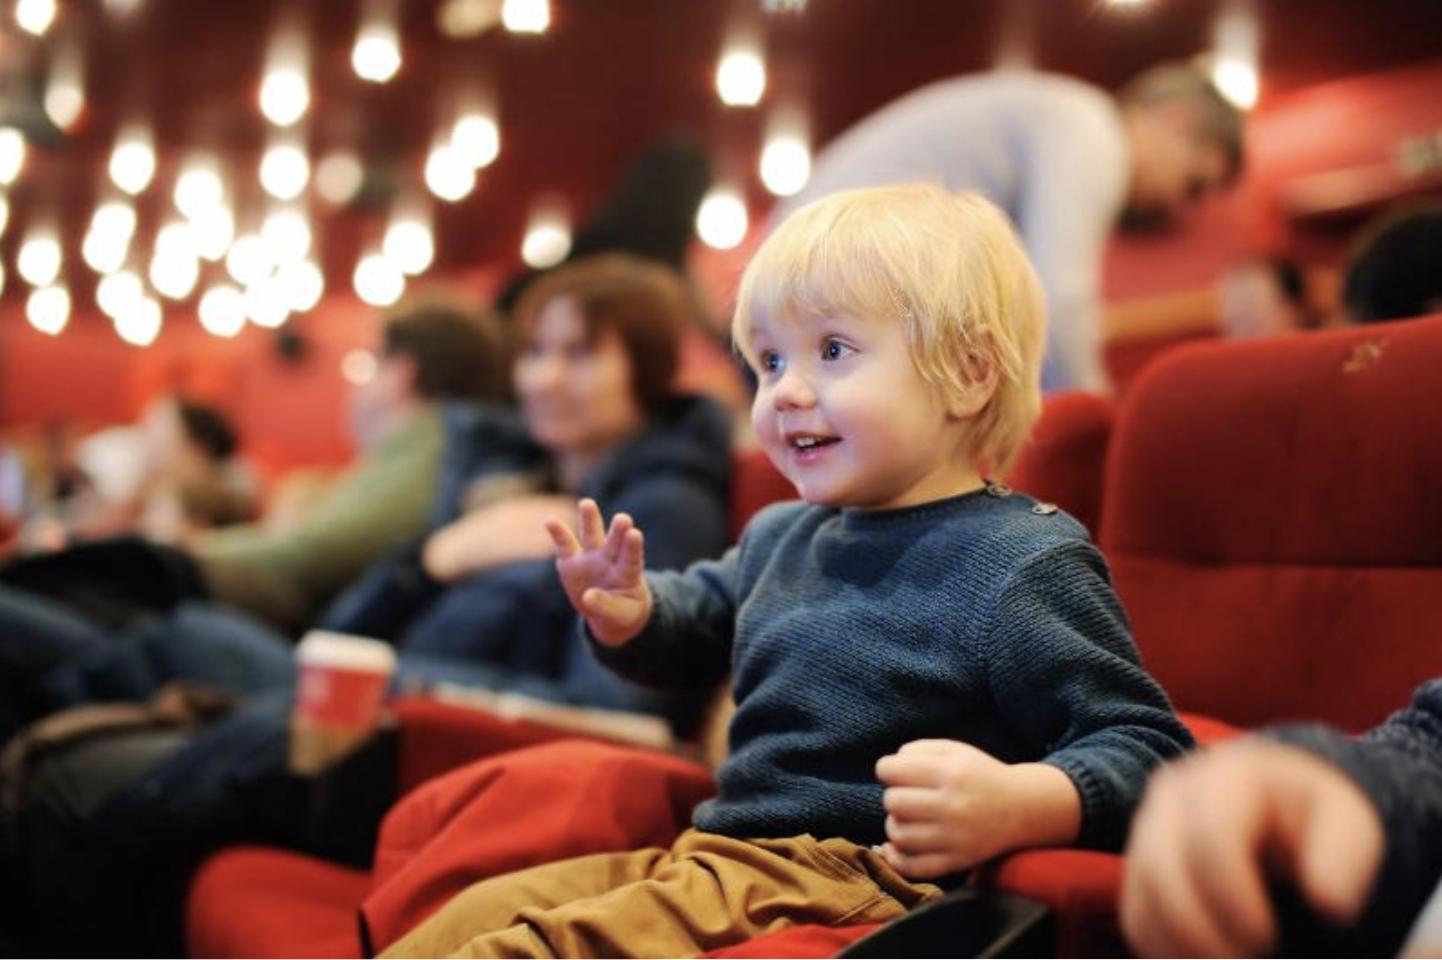 Un enfant sur un grand siège rouge d'une salle de spectacle